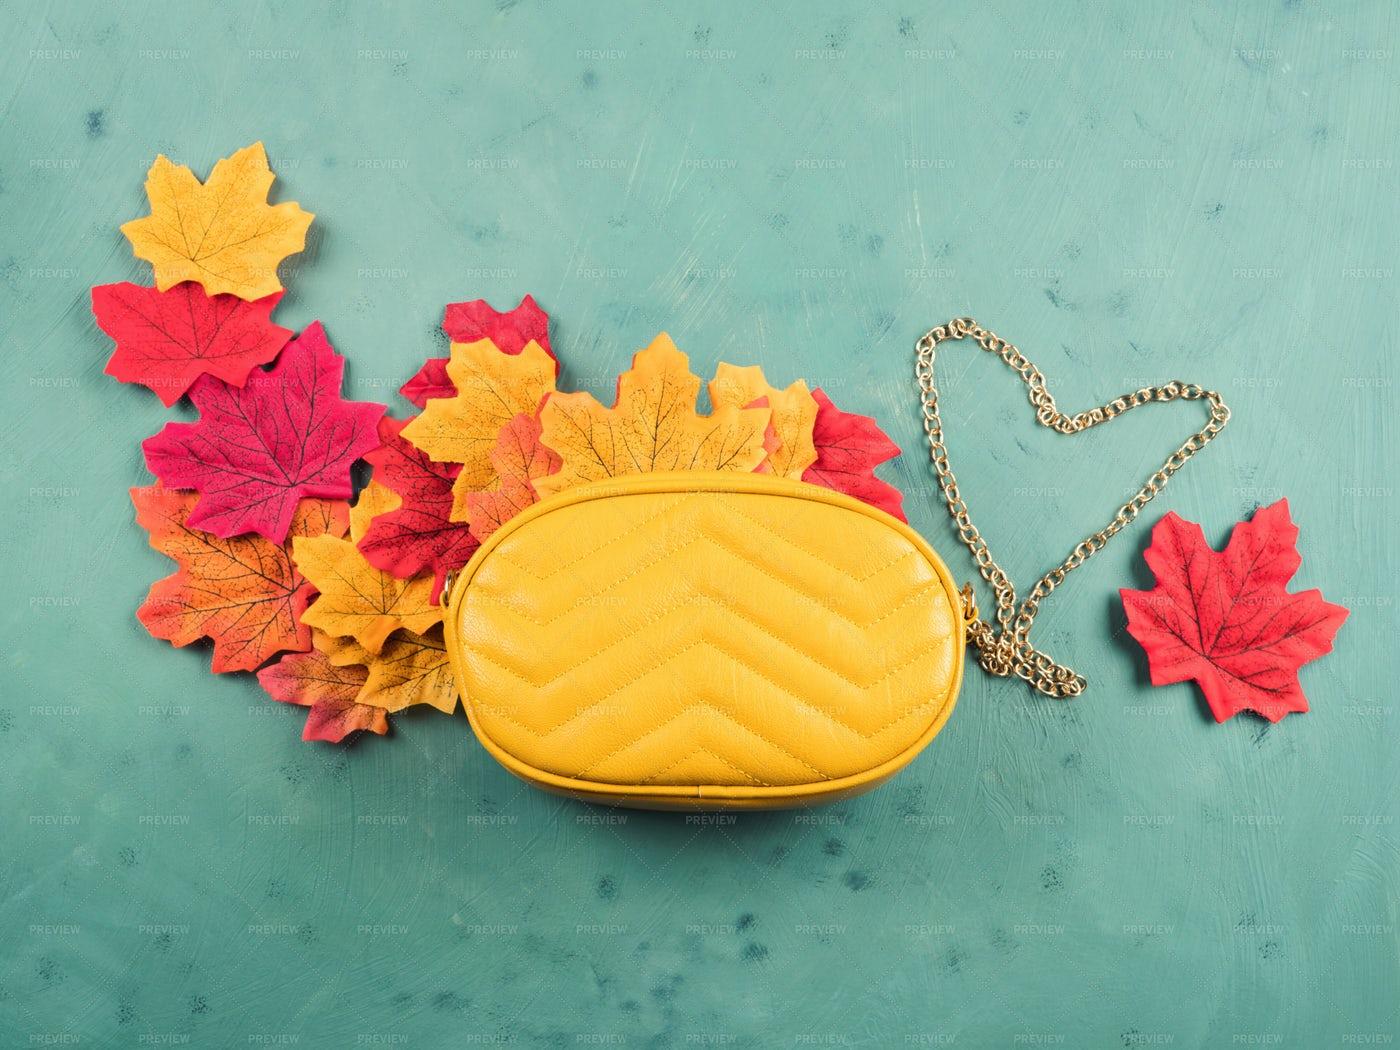 Handbag With Autumn Leaves: Stock Photos